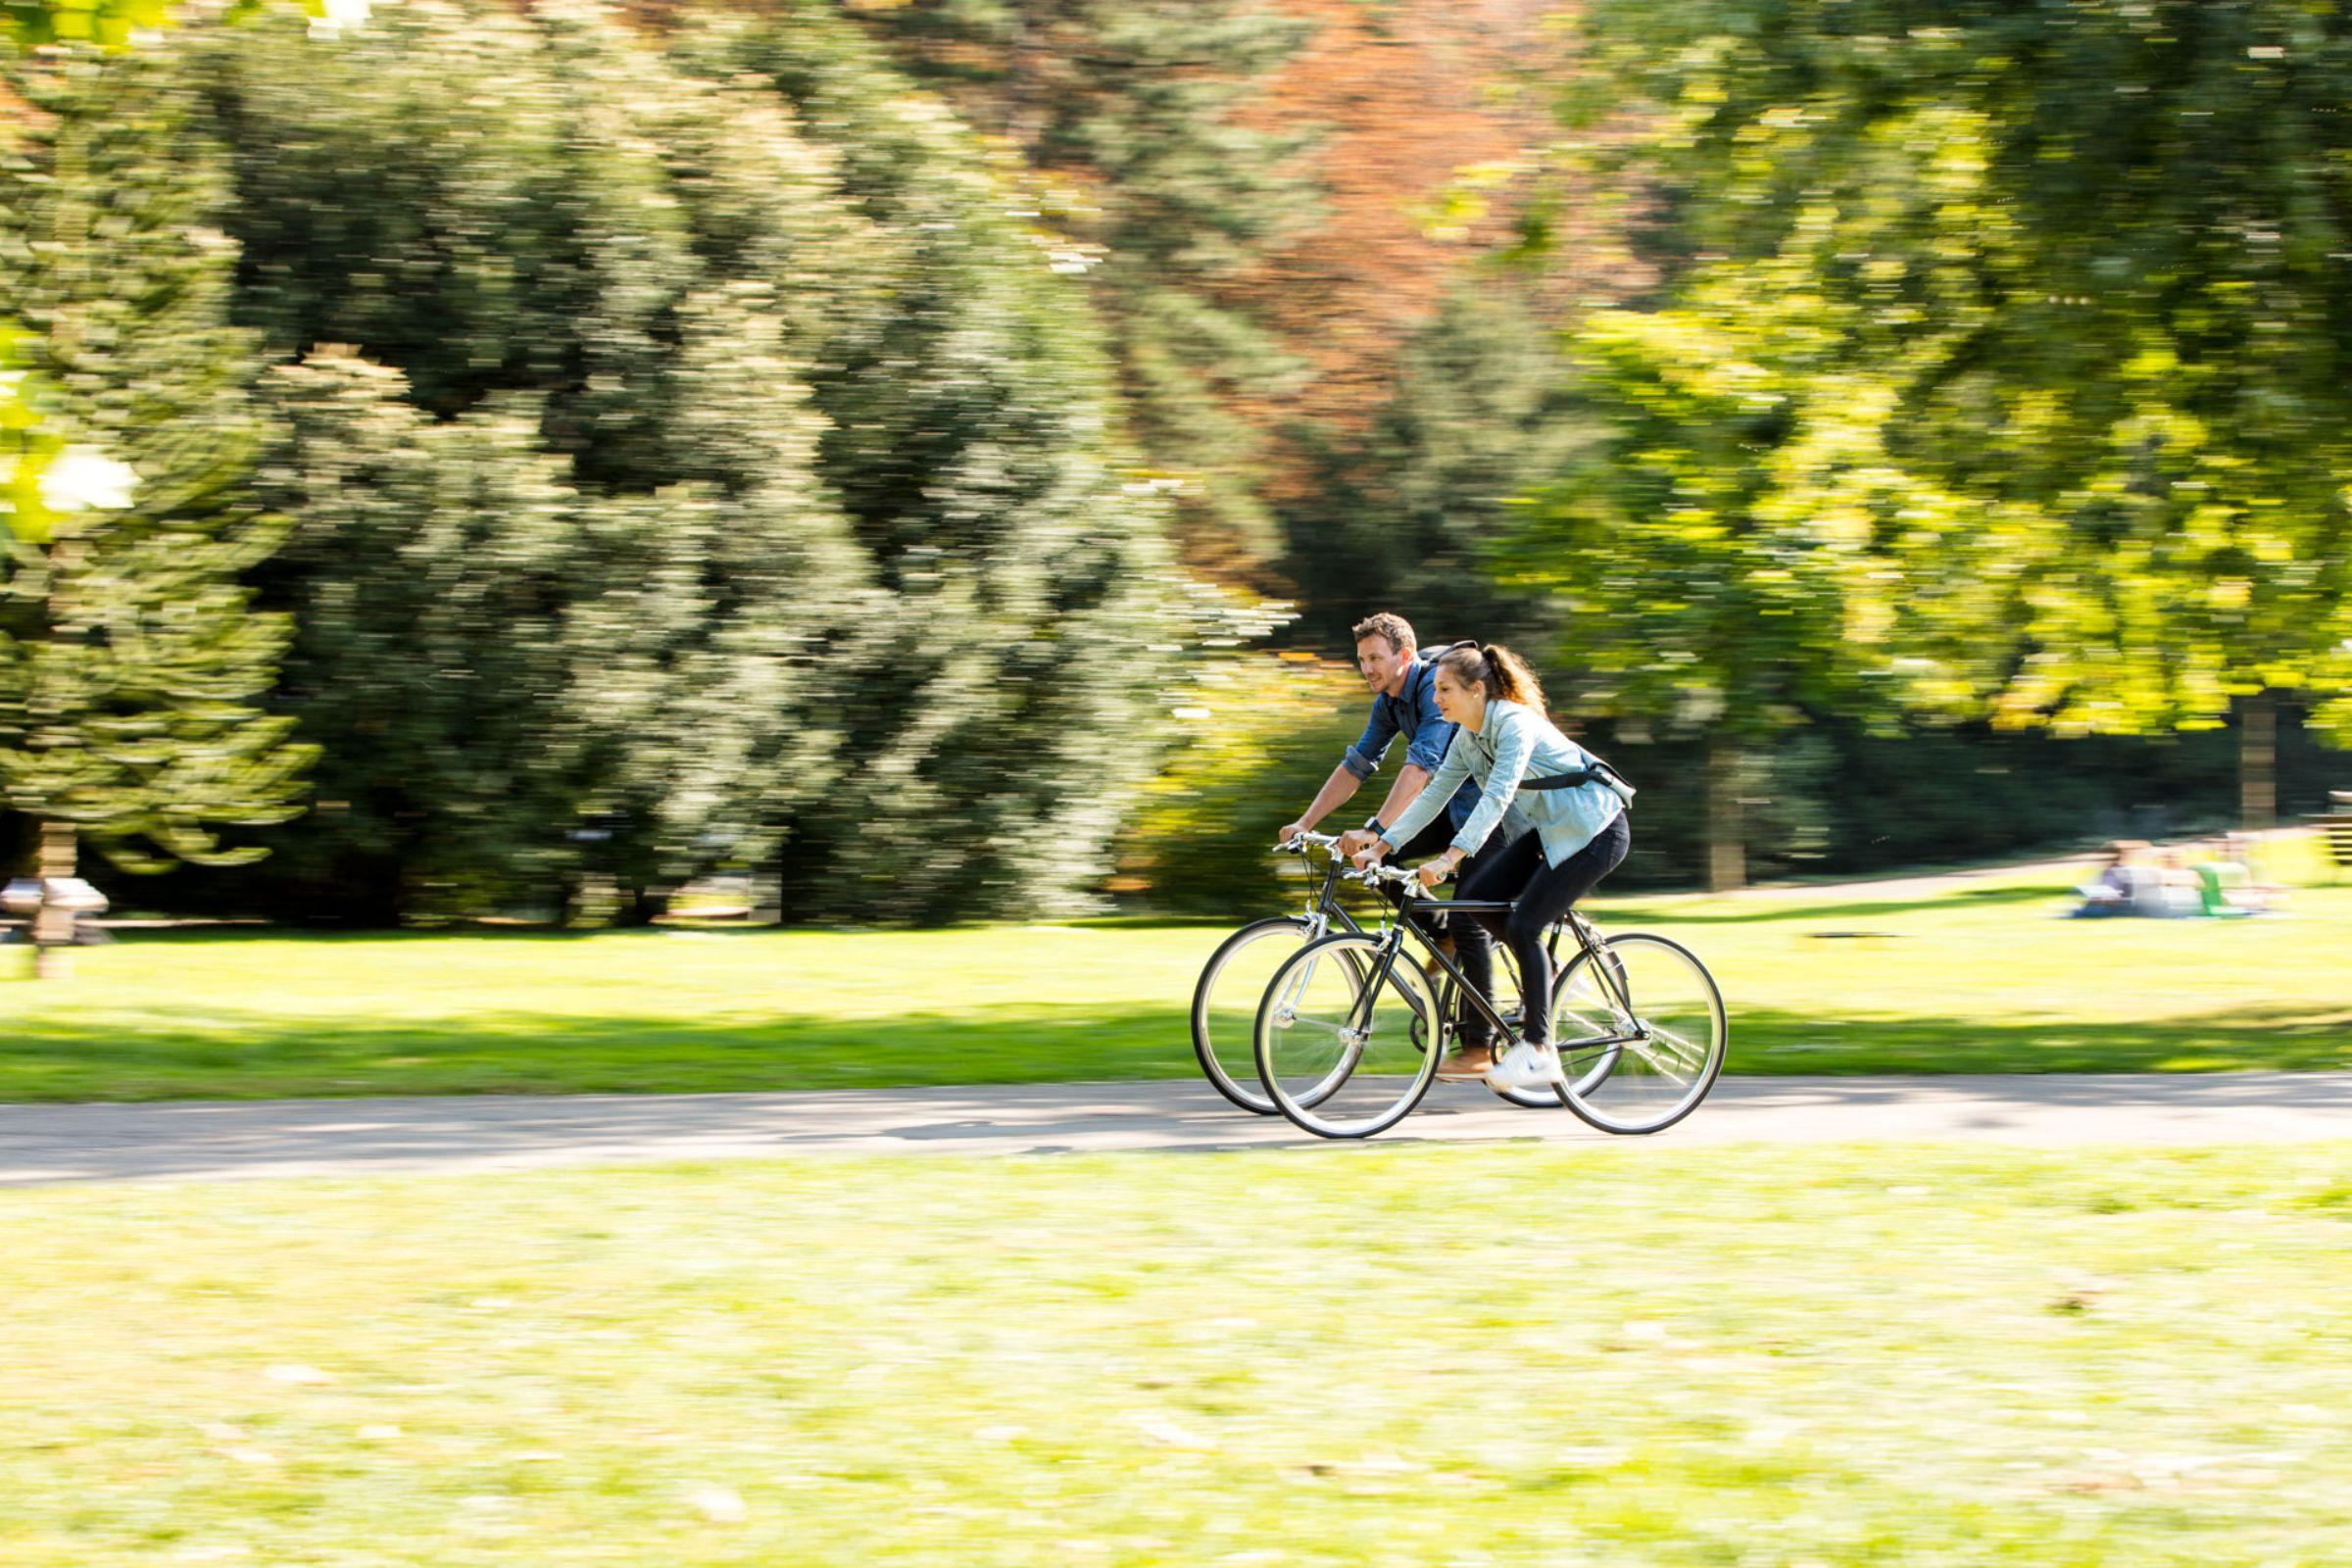 Zwei Radler unterwegs, seitliche Ansicht